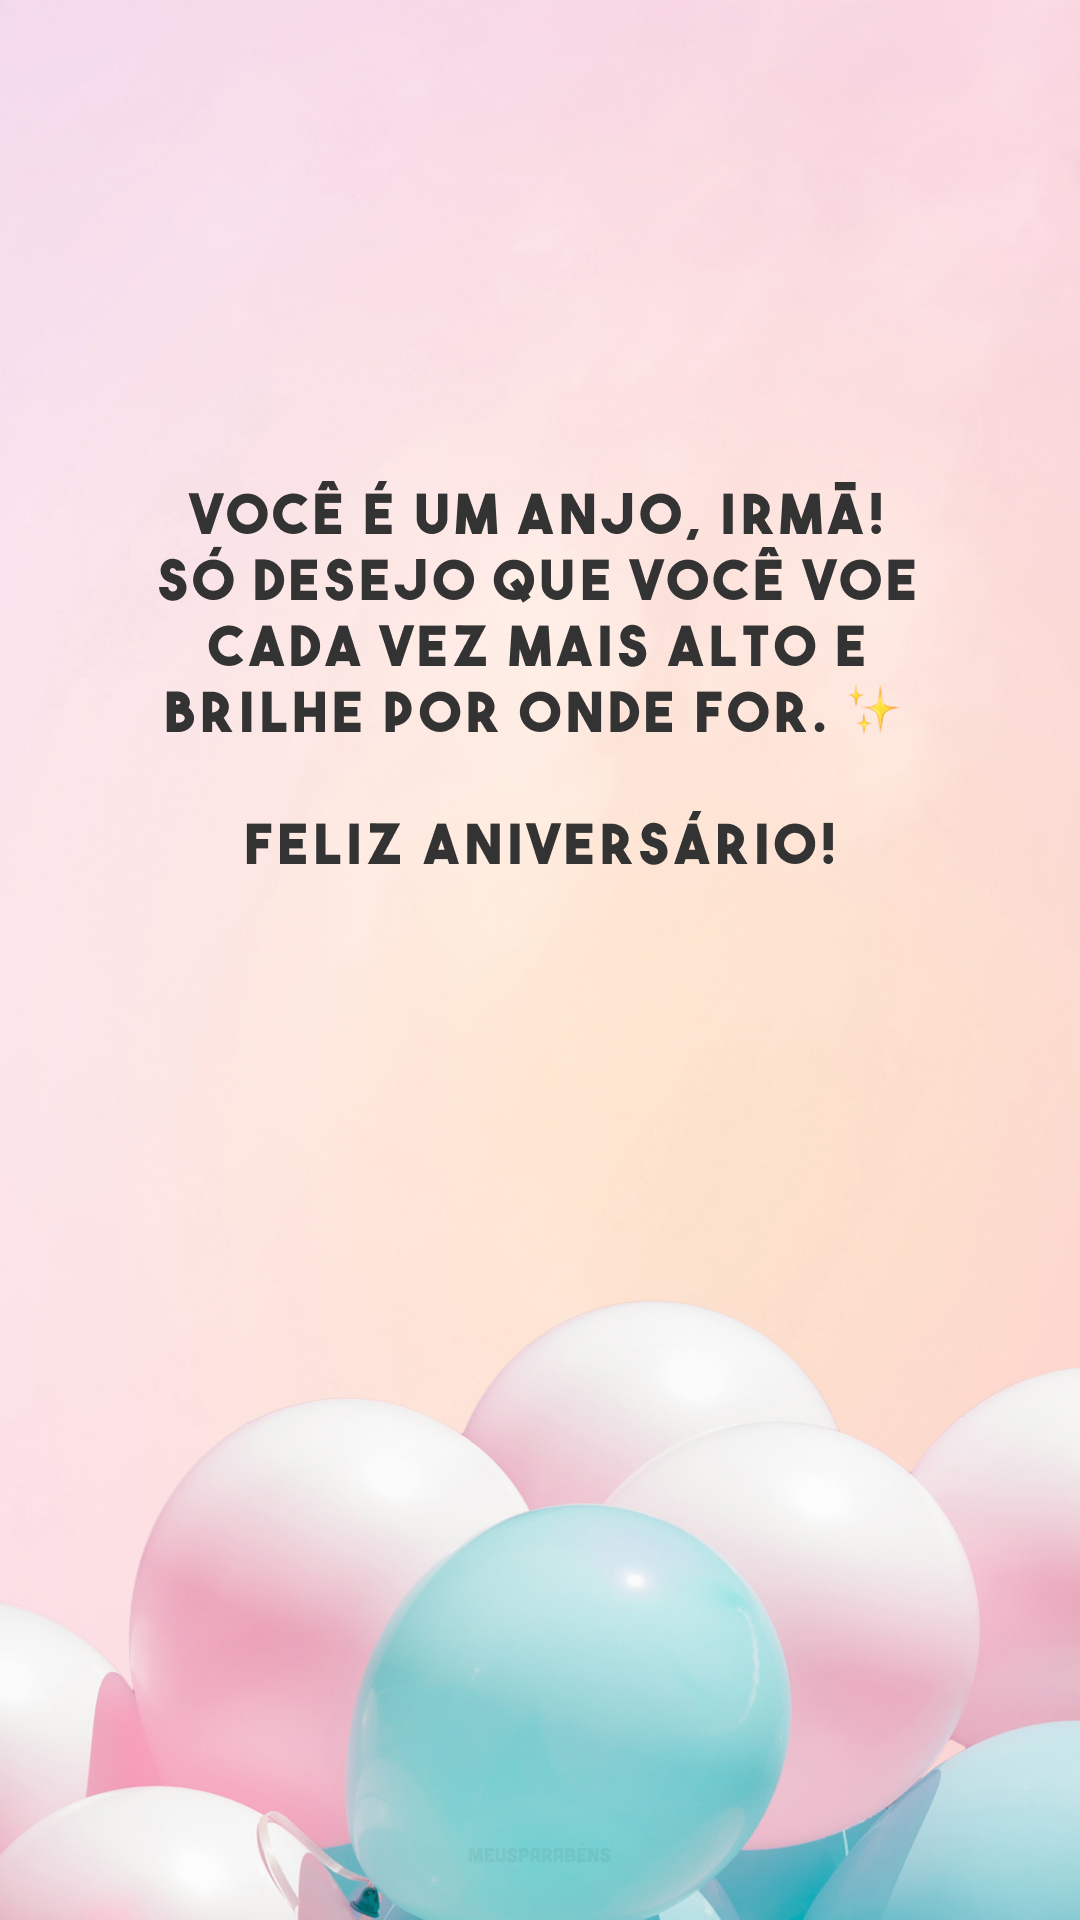 Você é um anjo, irmã! Só desejo que você voe cada vez mais alto e brilhe por onde for. ✨ Feliz aniversário!